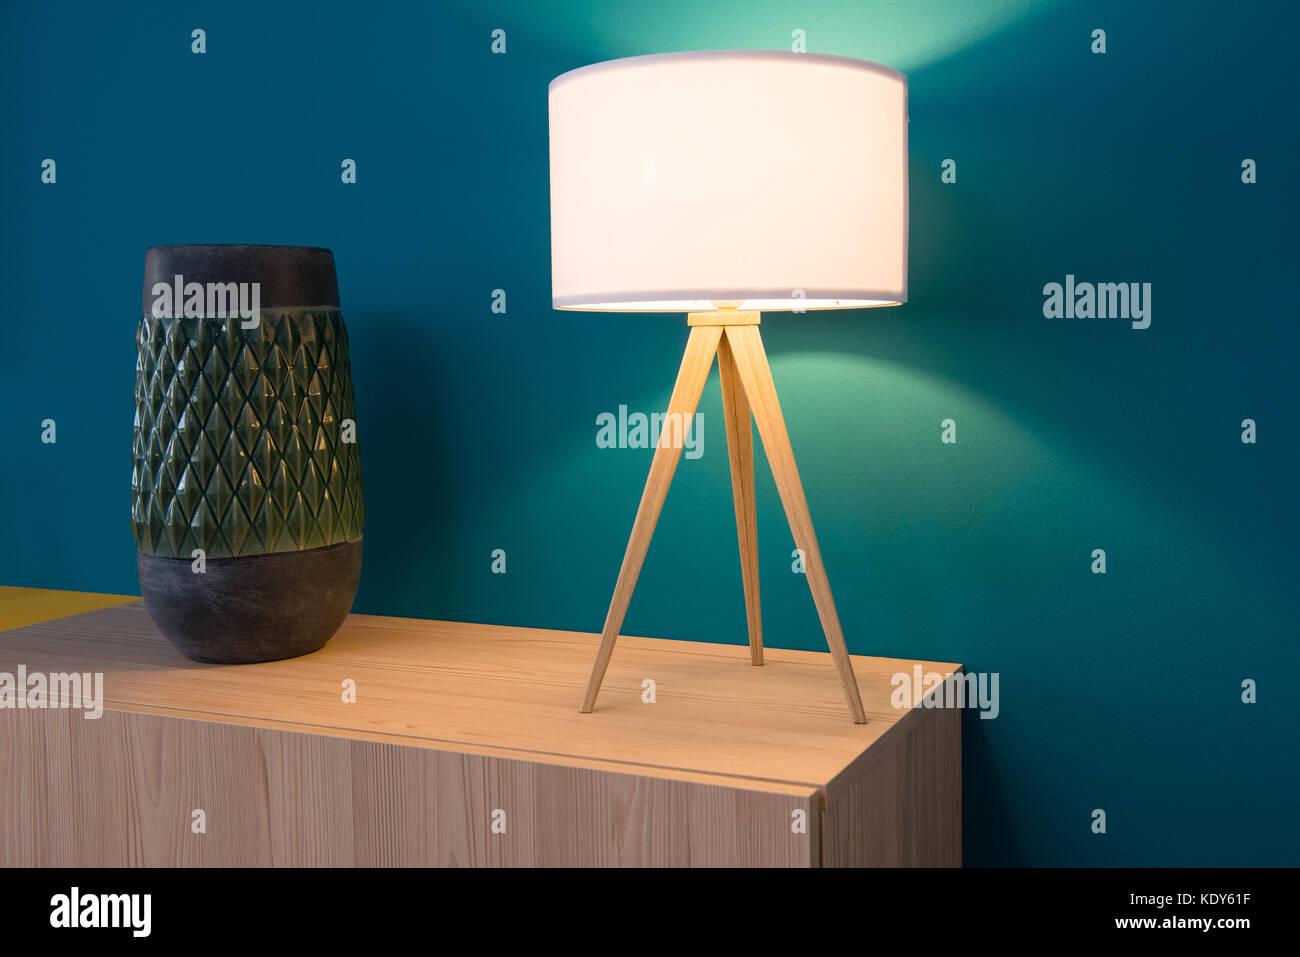 Lámpara y armario jarrón de pared azul en segundo plano. Imagen De Stock